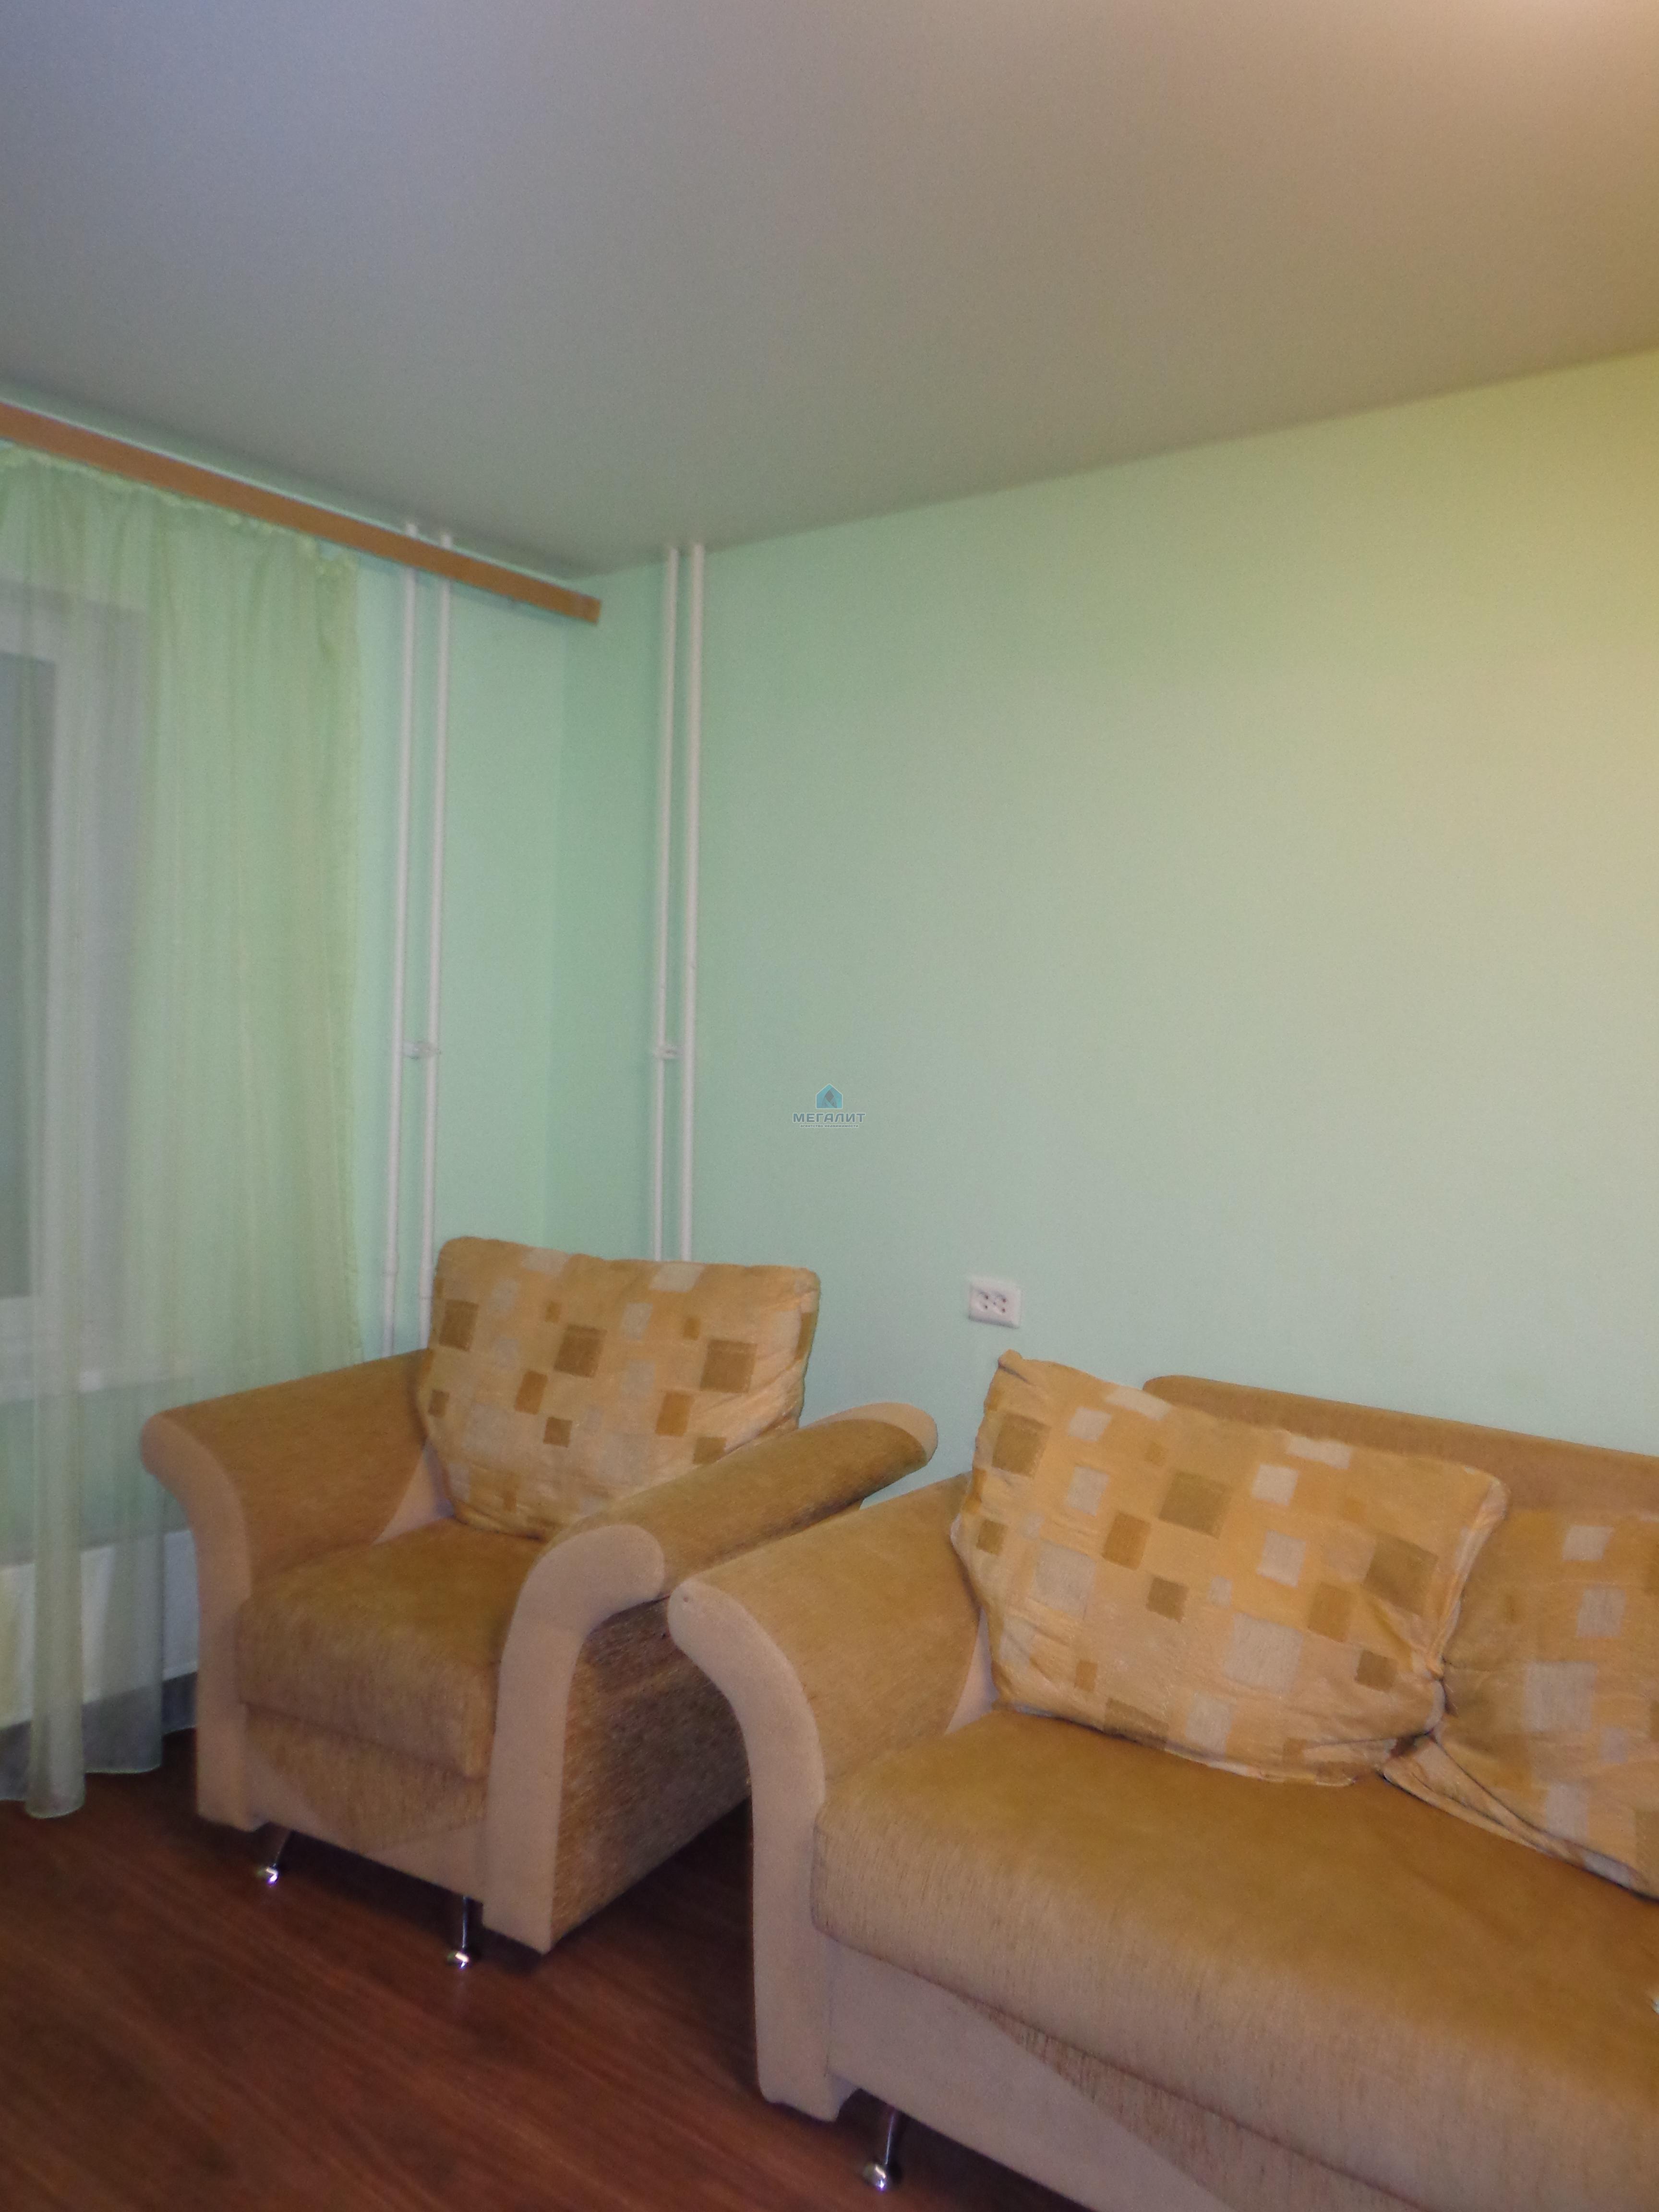 Аренда 1-к квартиры Фатыха Амирхана 77, 36 м2  (миниатюра №7)